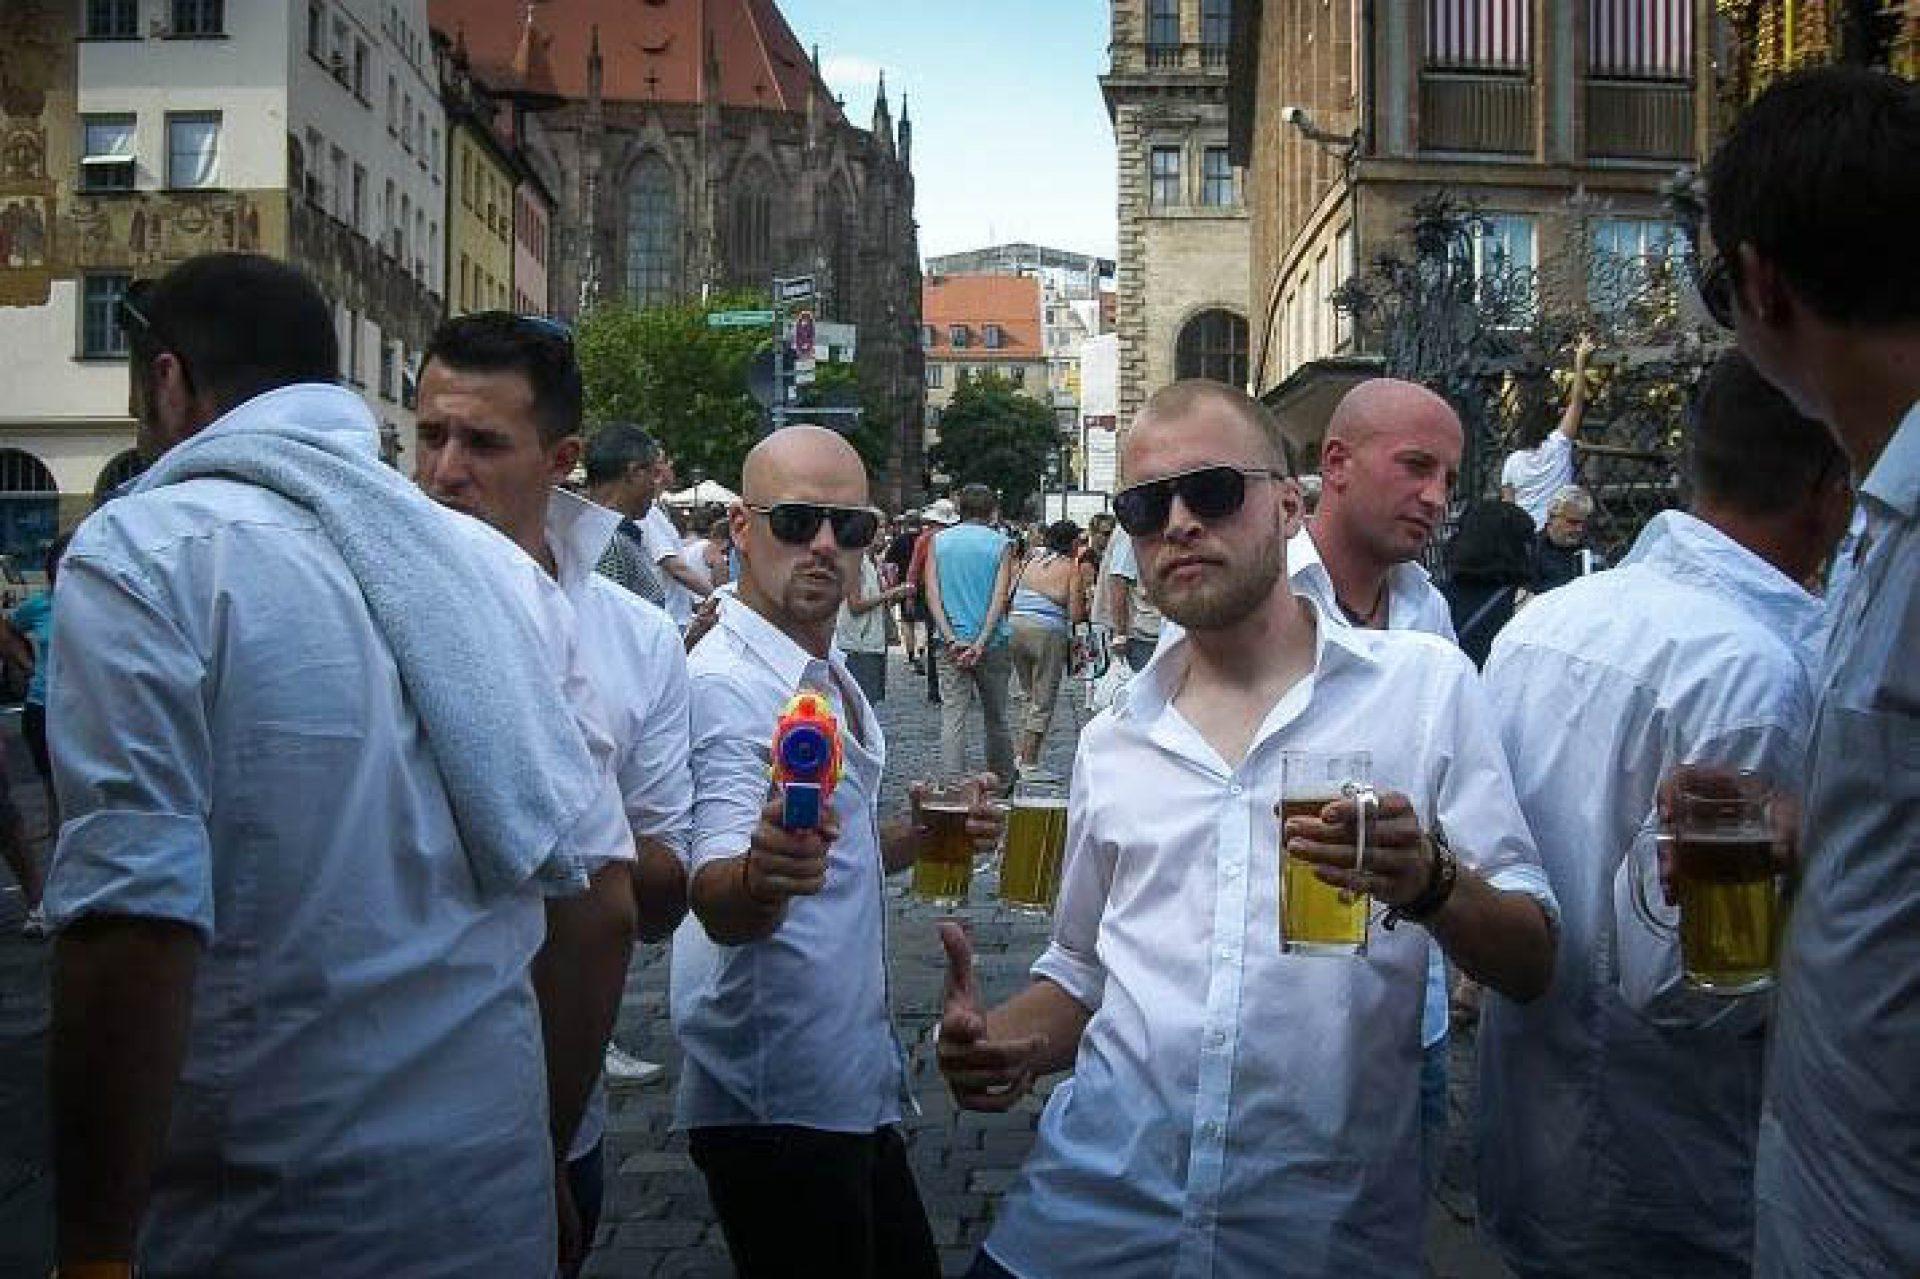 Pub Crawl Nürnberg